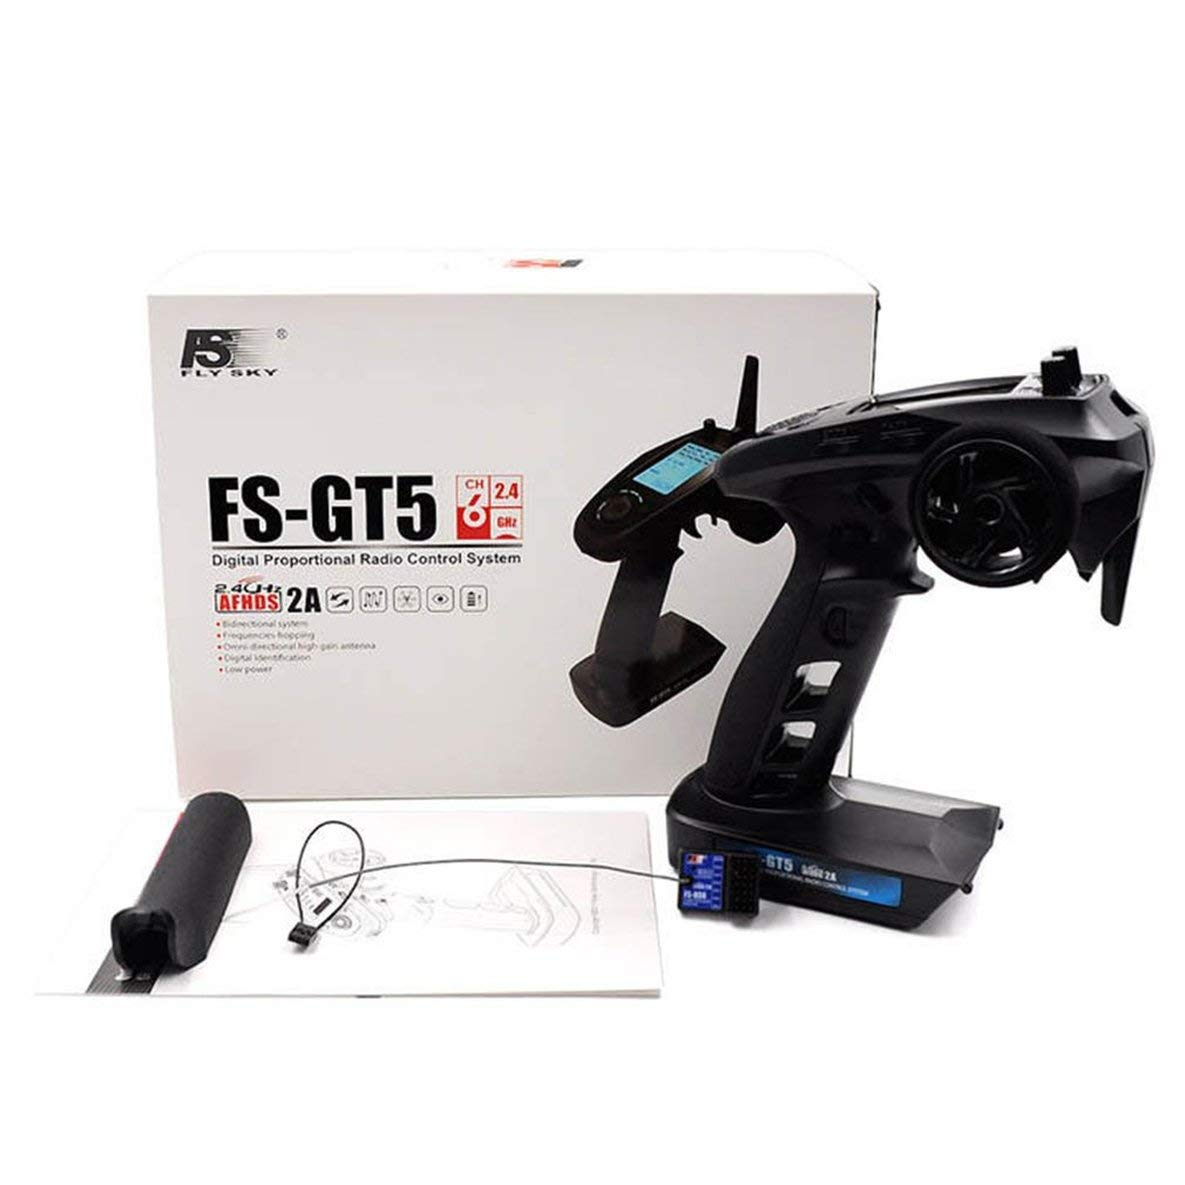 Mollies FS-GT5 Pantalla LCD RC6GS 2.4GHz FHSS 6CH 6 Canales de Sistema de Radio para el Barco del Coche Transmisor RC con el Receptor R6FG